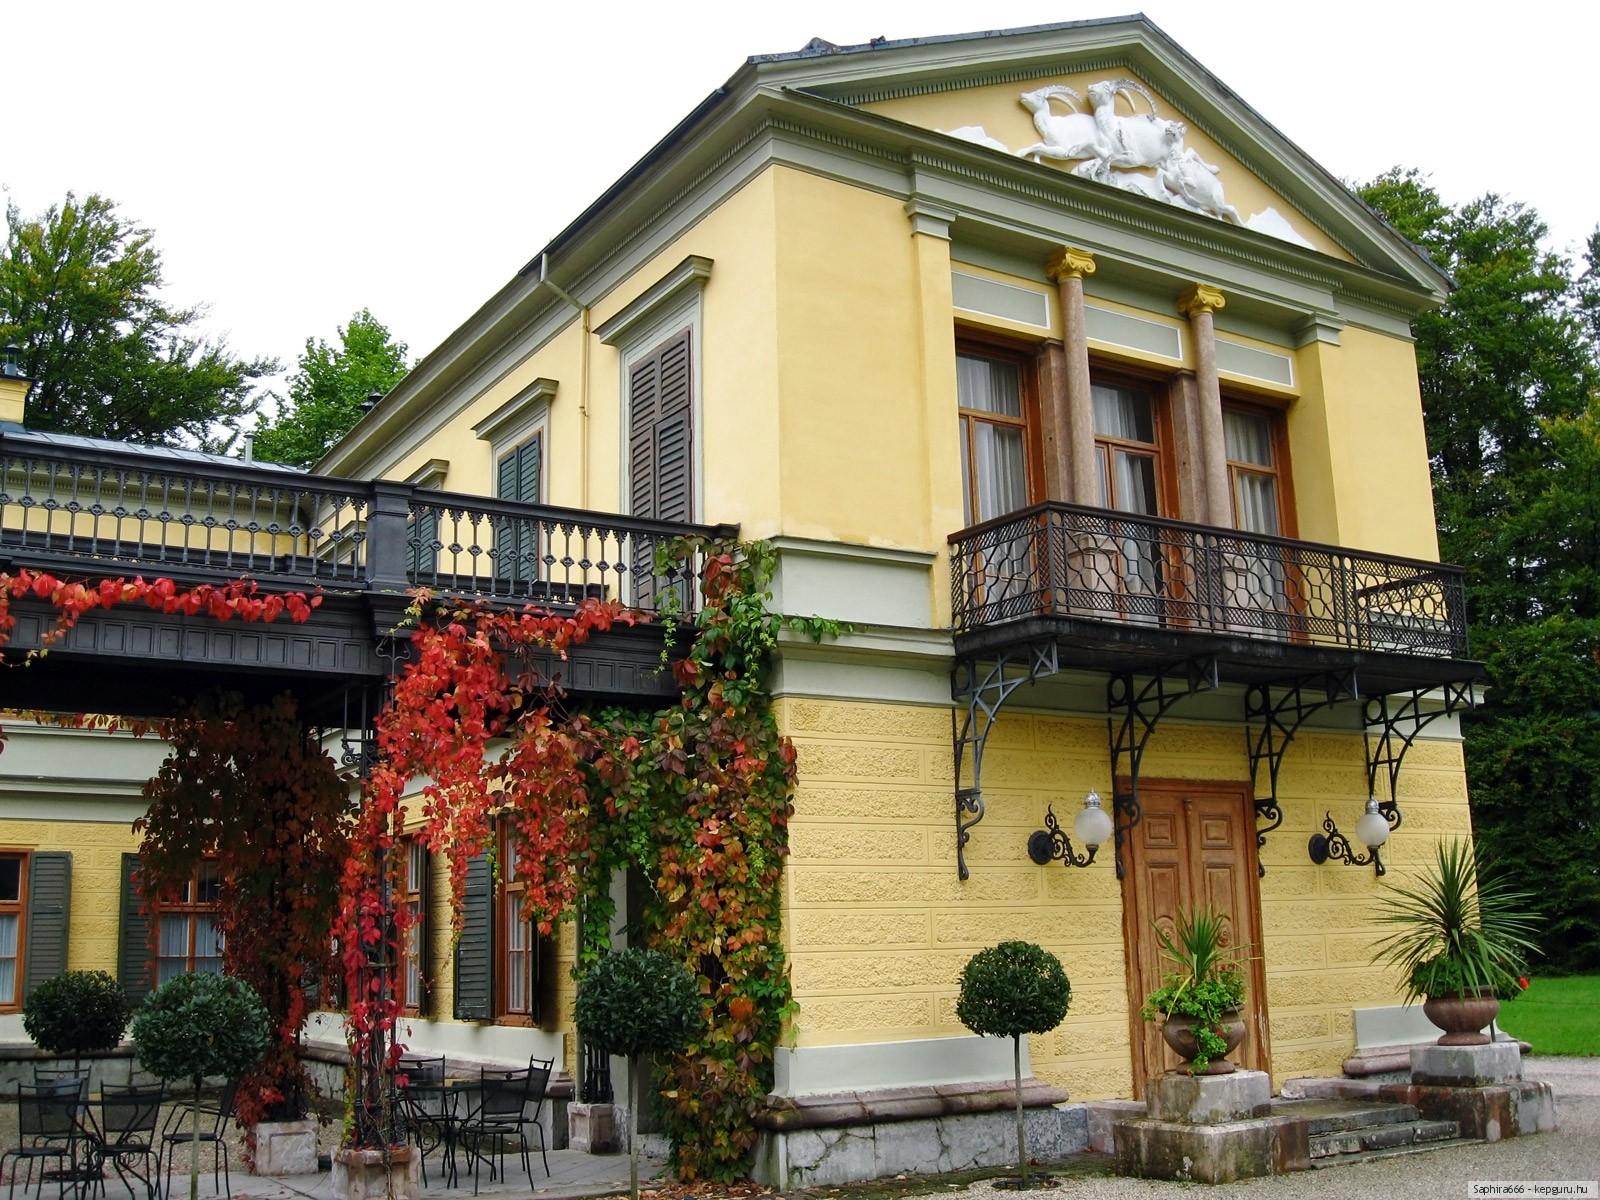 Фотография балкон дома города.